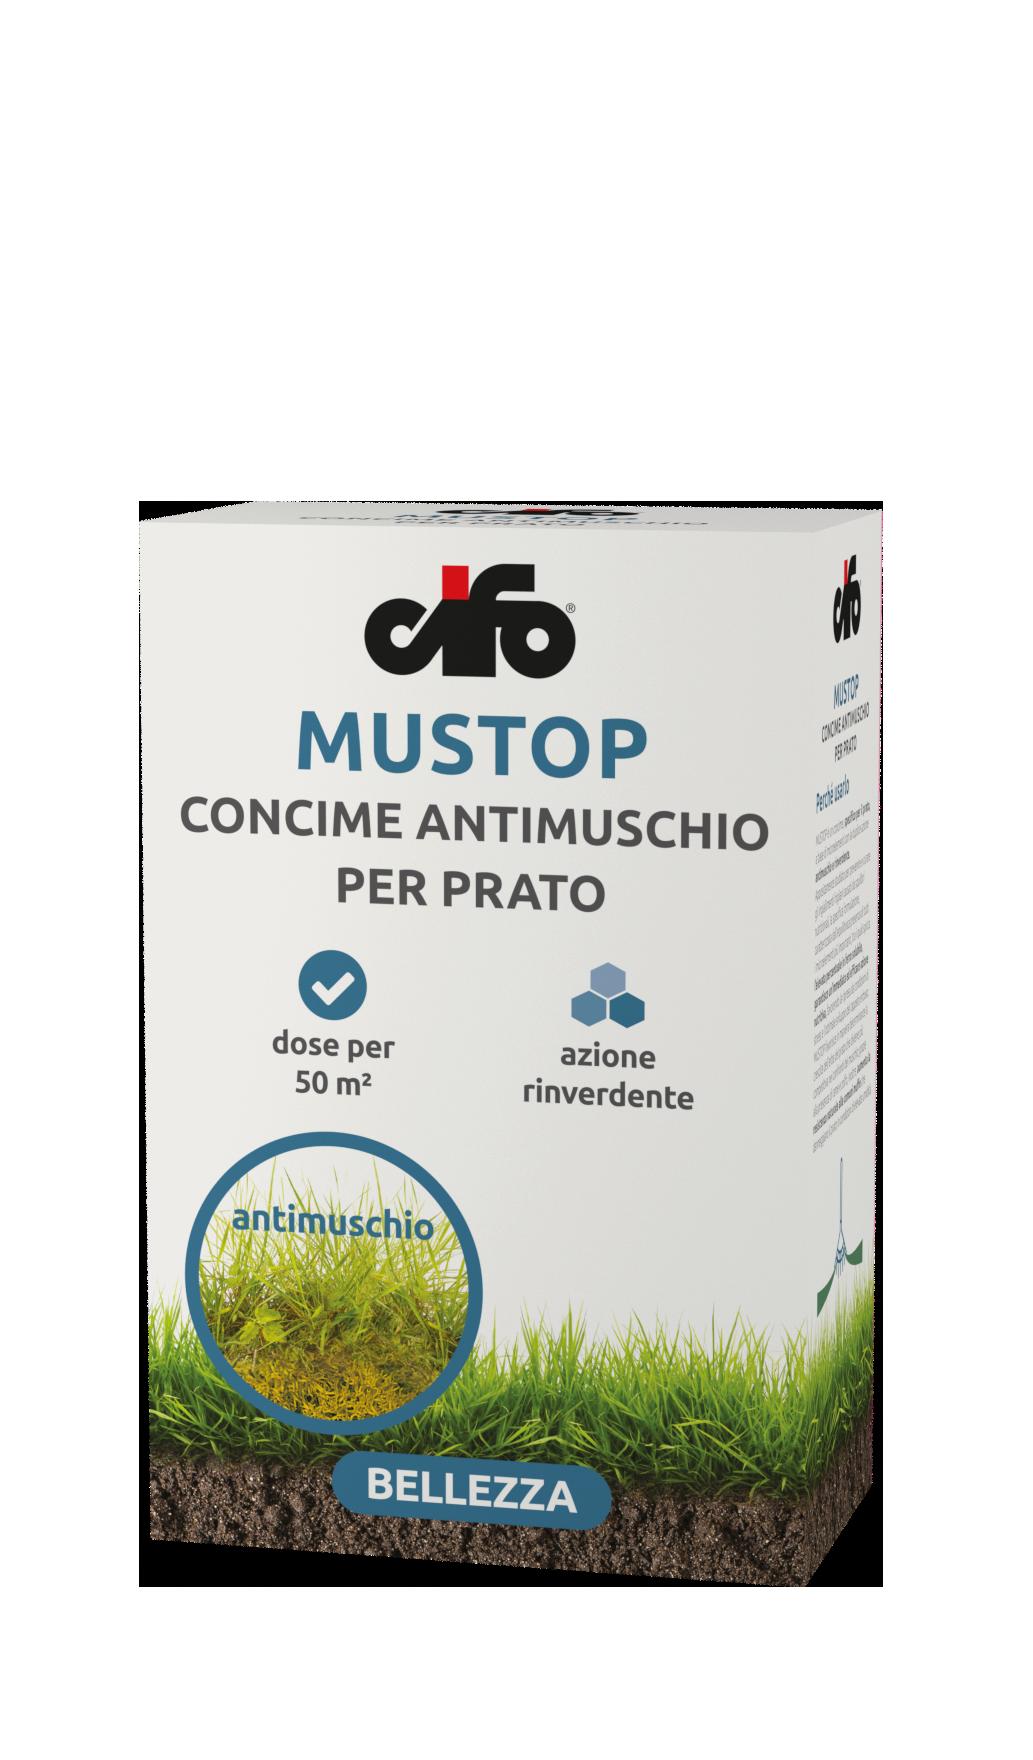 Concime Per Prato Autunnale mustop - cifo